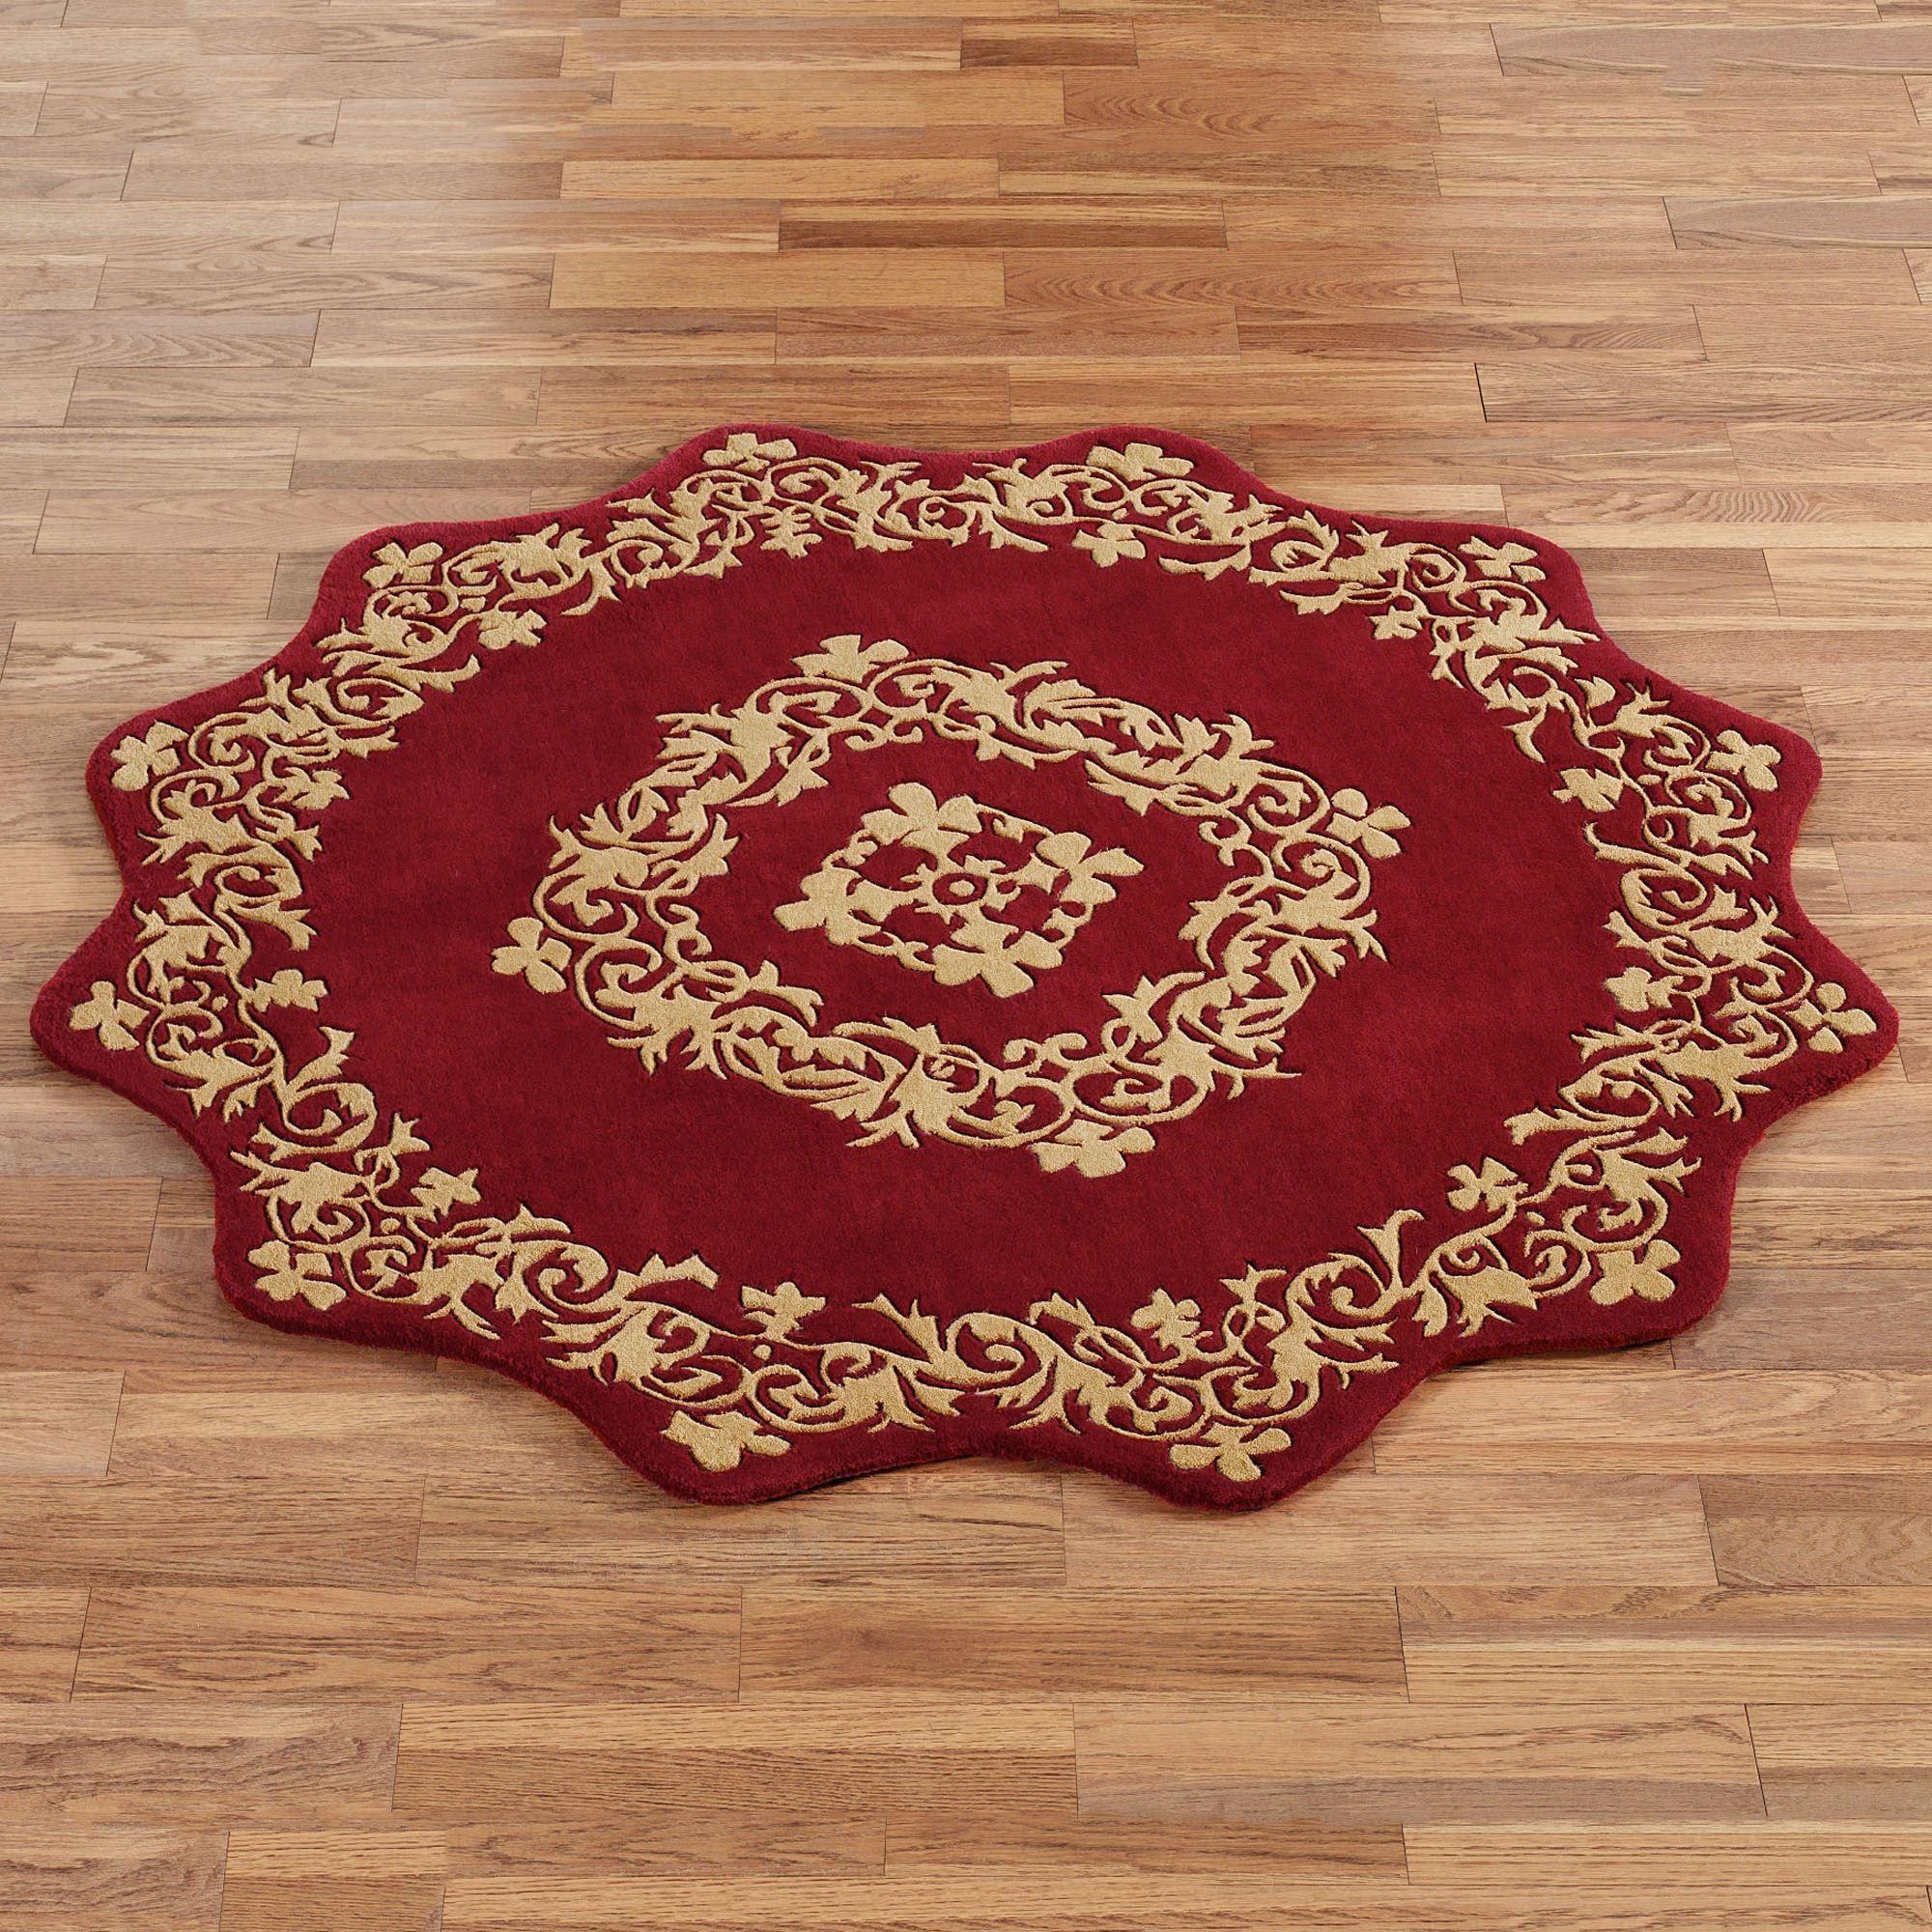 Palatial Wool Round Rug Ruby 5